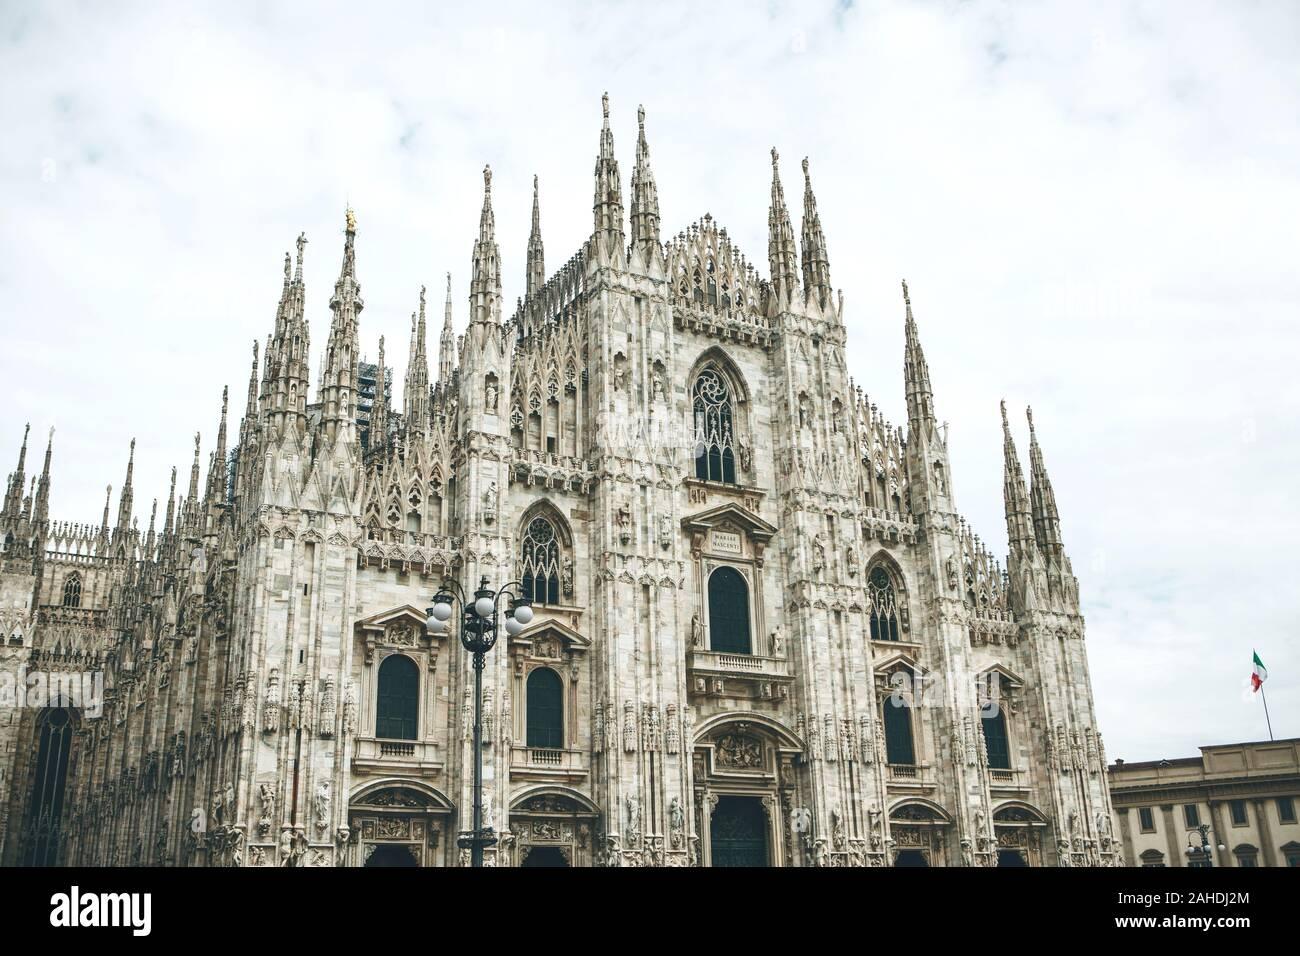 Hermosa vista de la antigua catedral de Milán en Italia. Es una de las atracciones turísticas más populares en Italia. Foto de stock